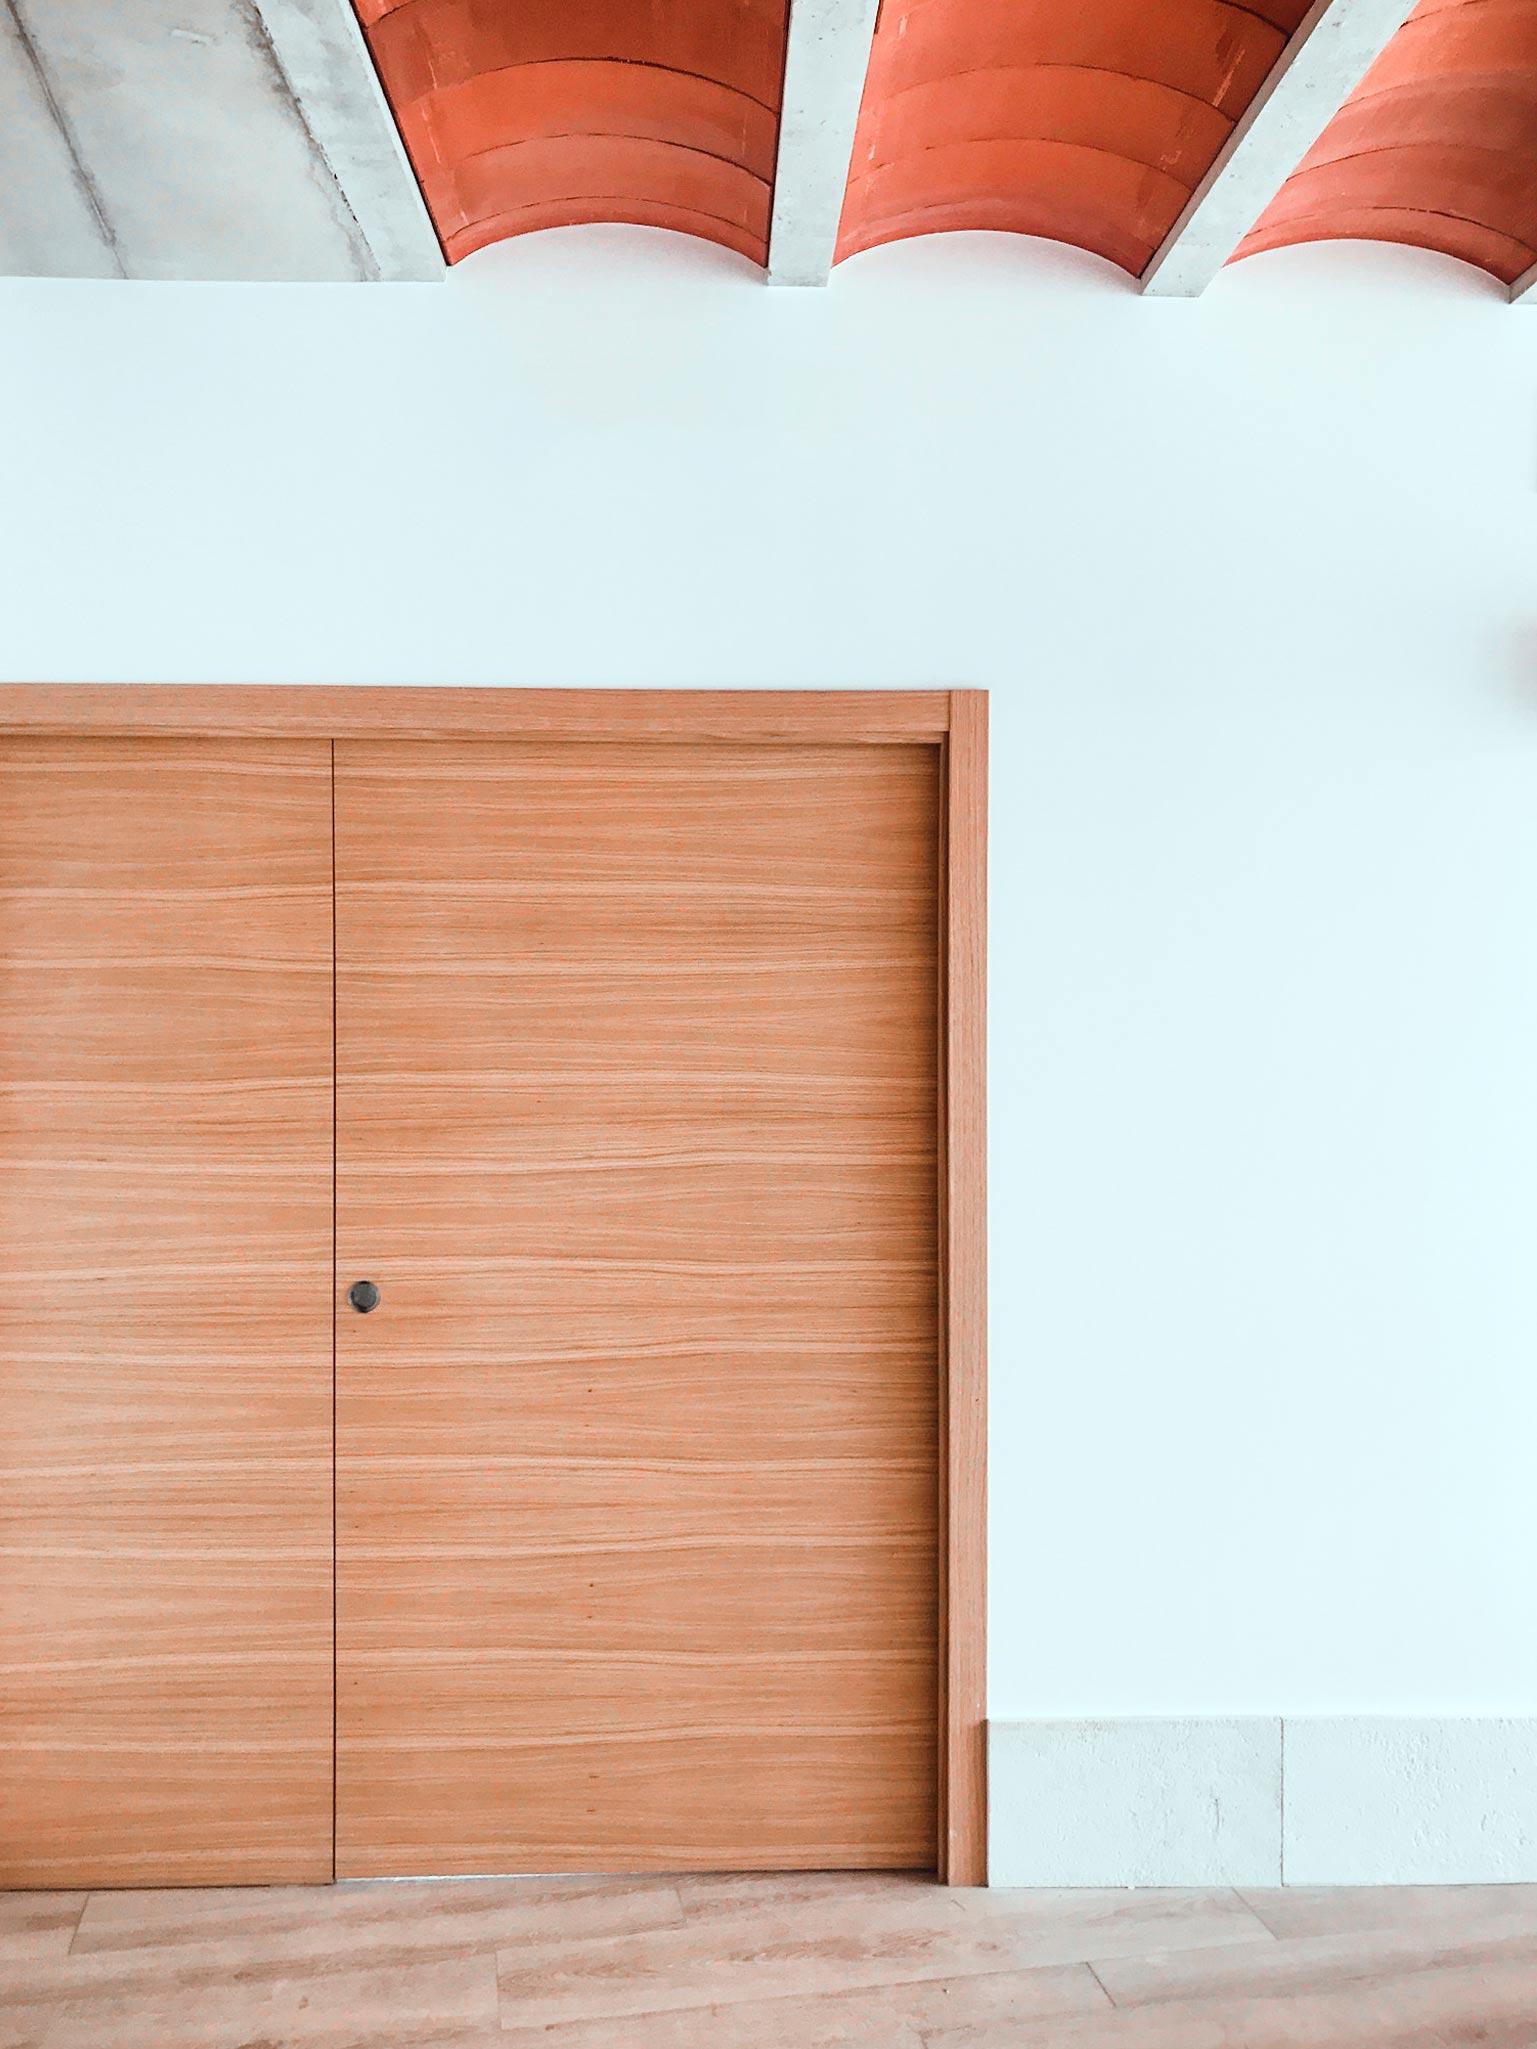 Salón moderno con puerta corredera de madera y techo de bovedillas cerámicas.